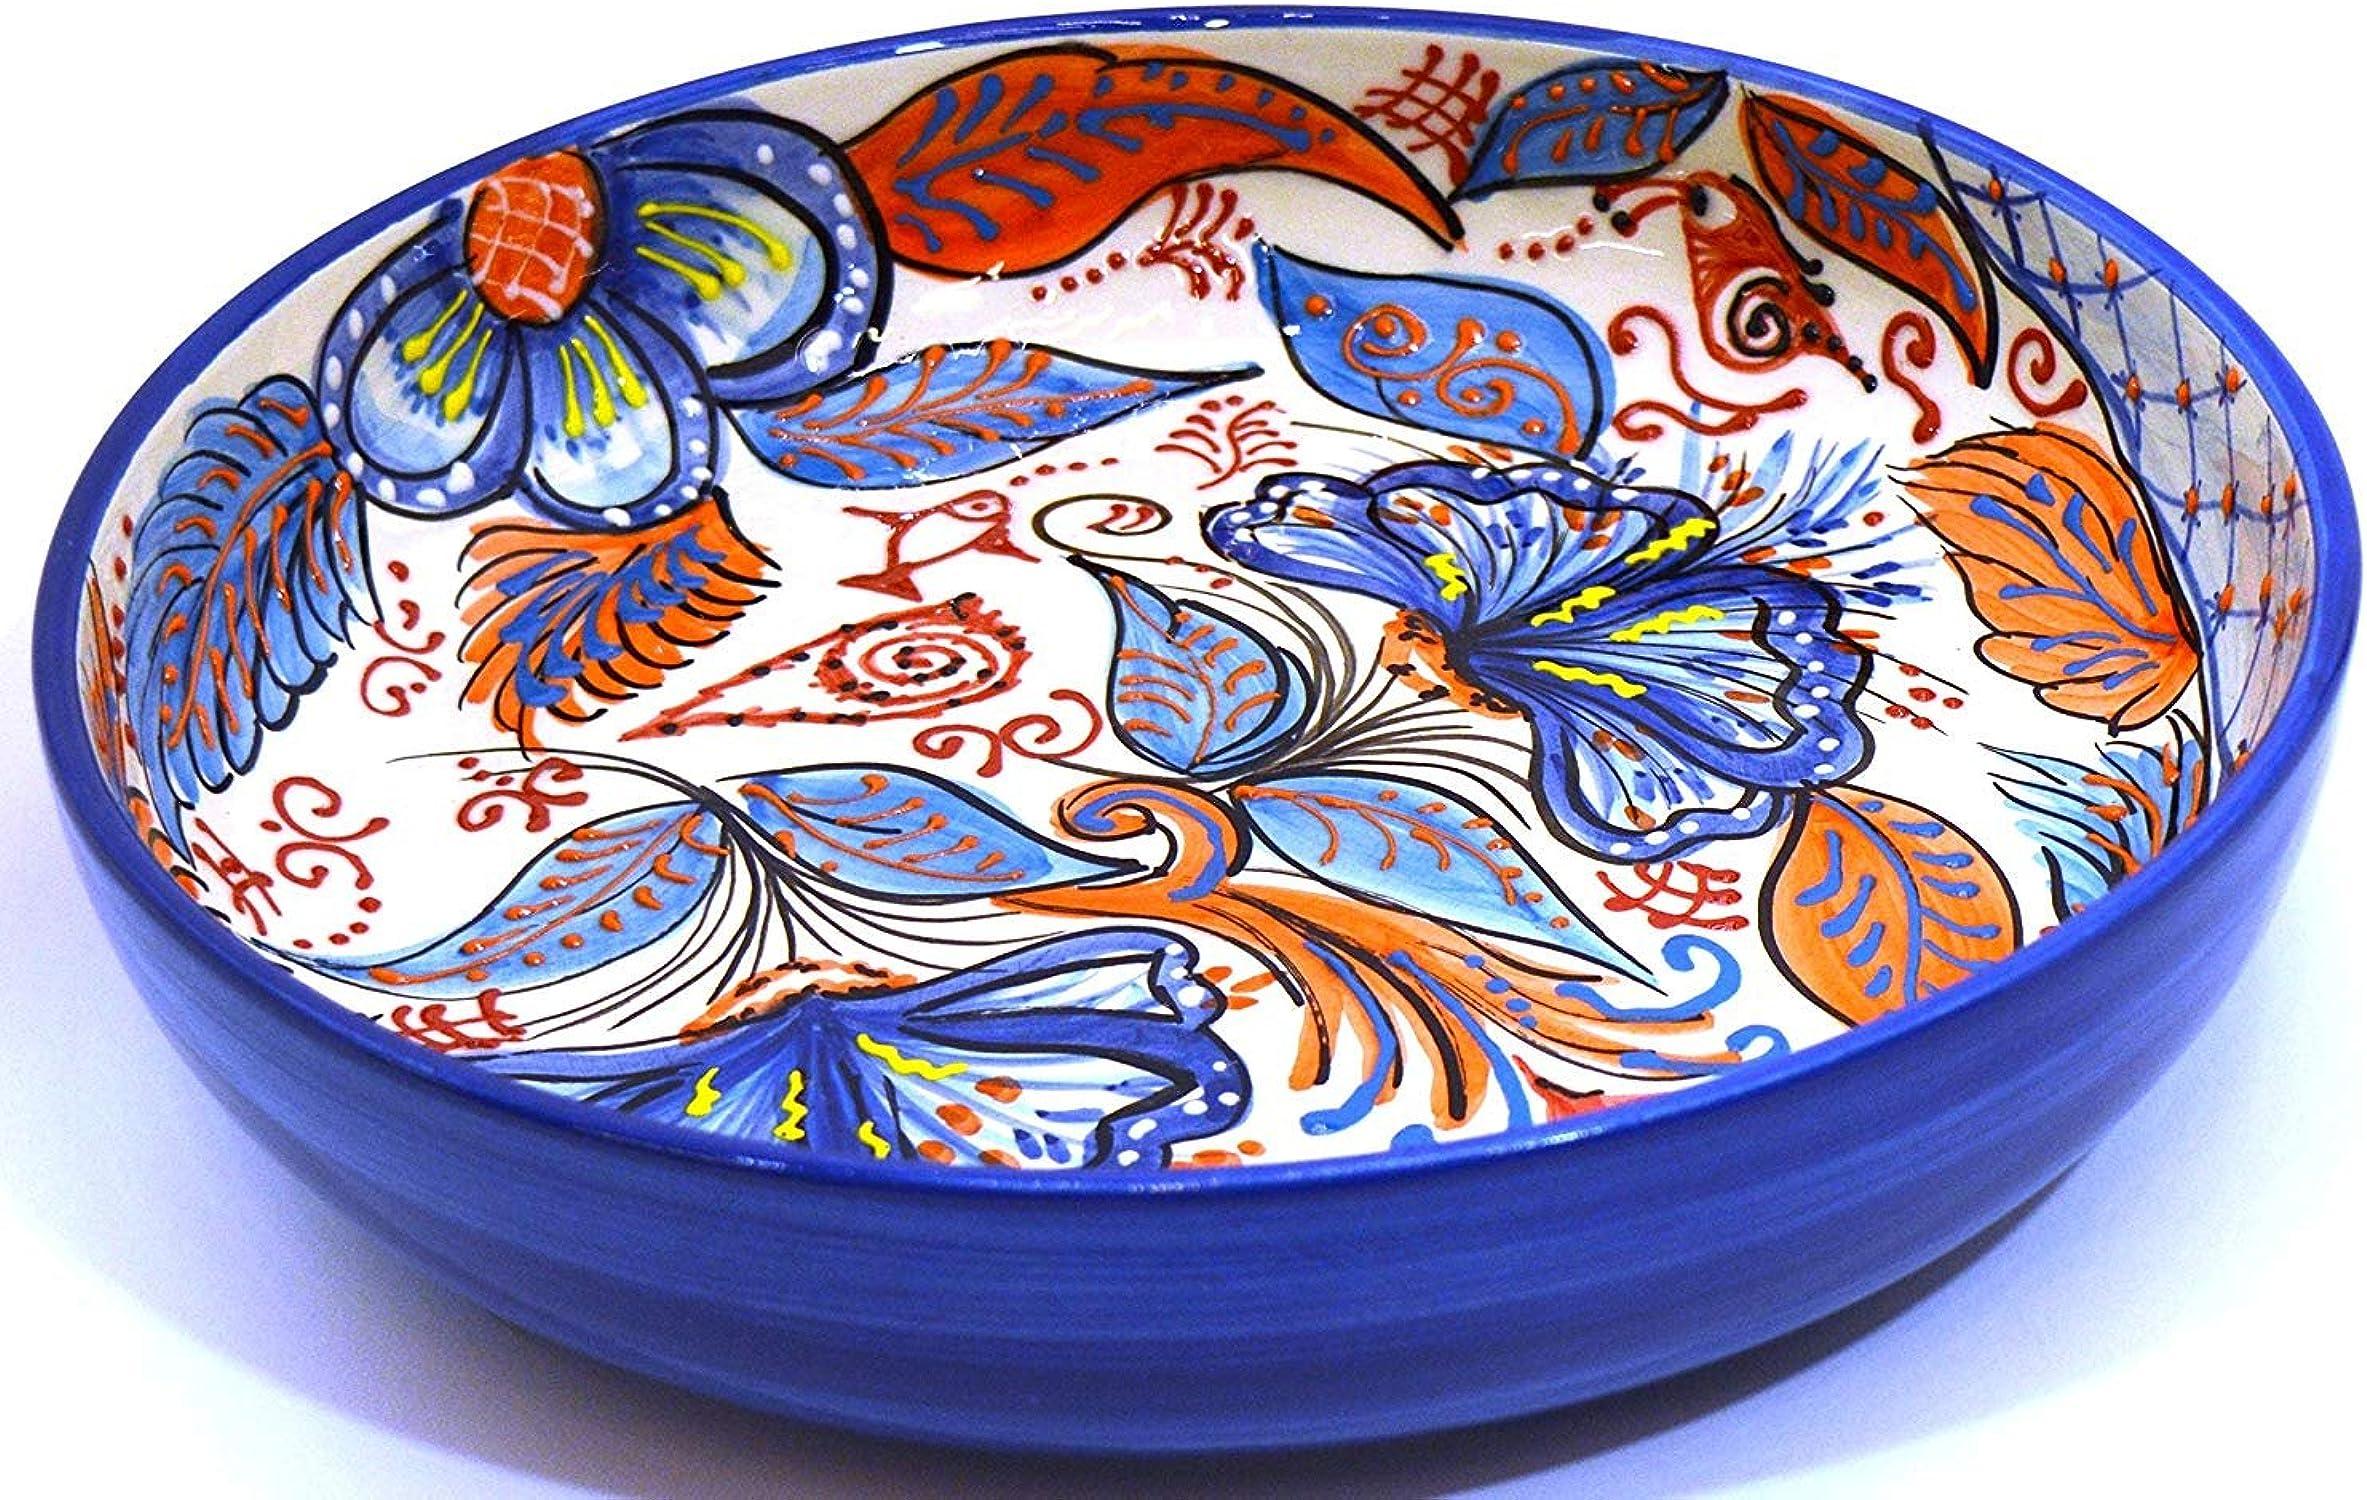 Art Escudellers SALADIER No1 en céramique Fait et Peint à la Main avec décoration Fleur. 29 cm x 29 cm x 6 cm (Fleur Marine Bleue)